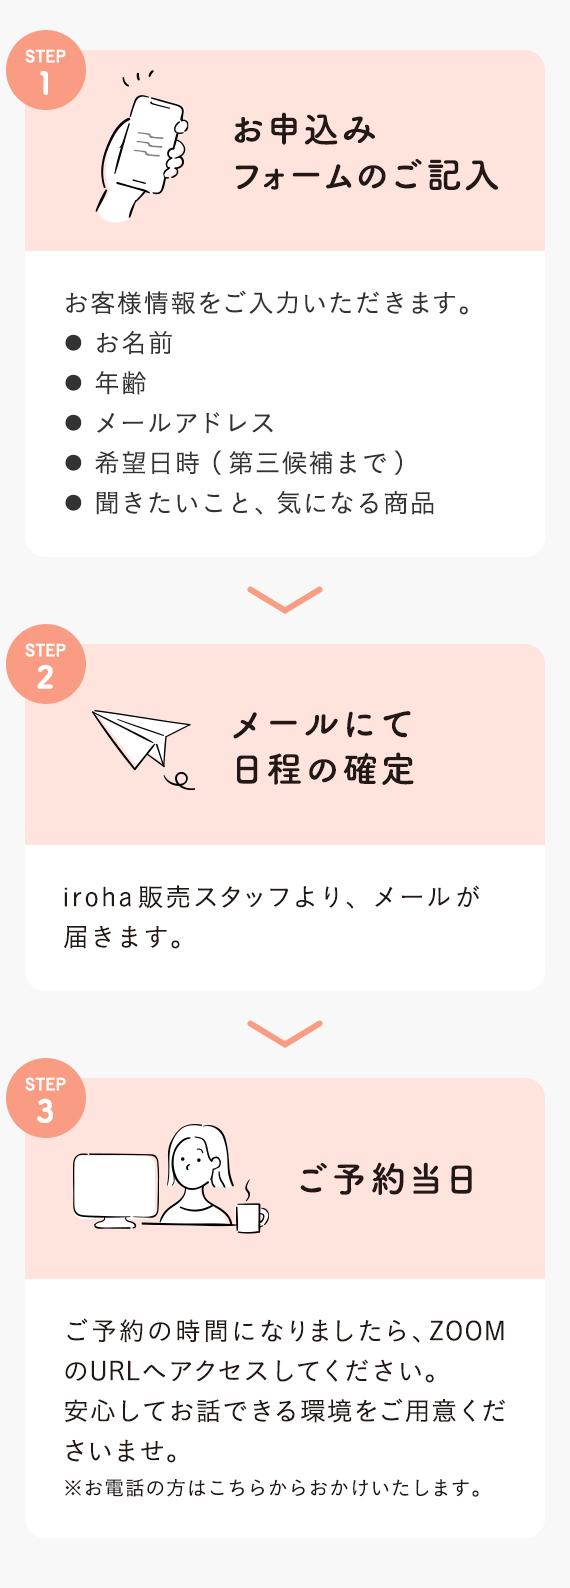 ご利用の流れ | iroha公式オンラインストア